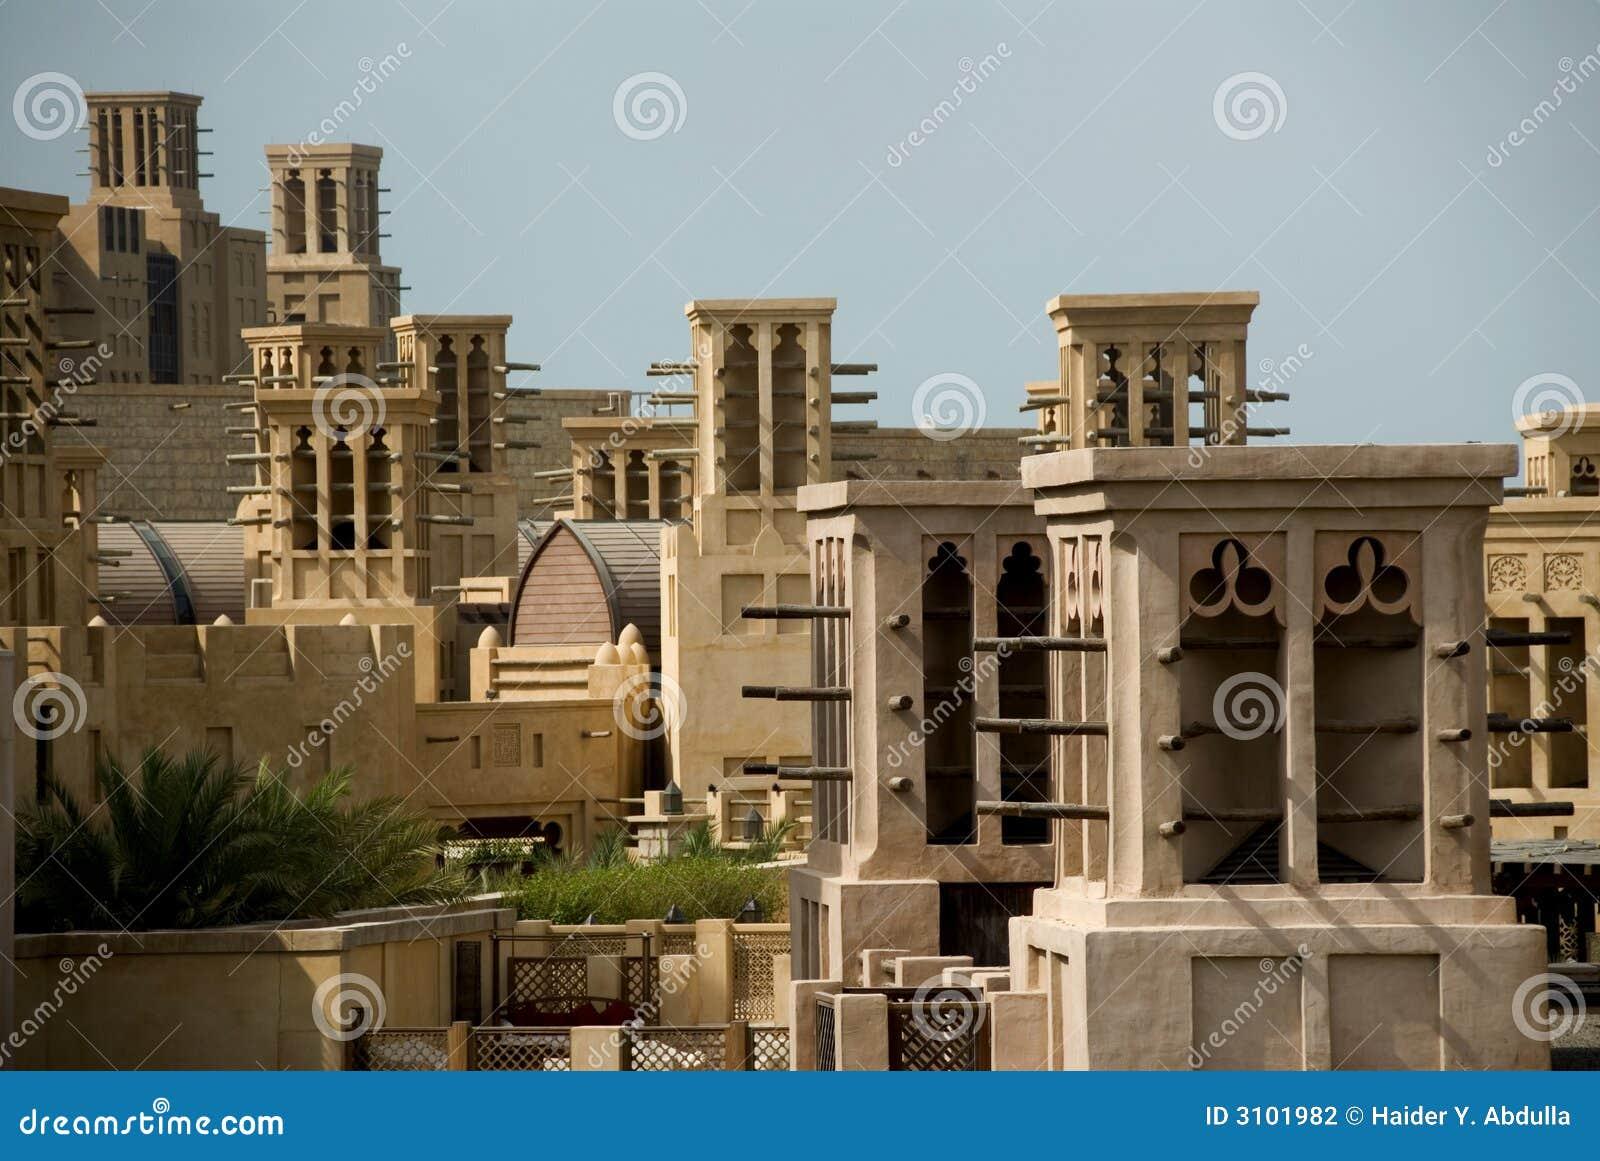 Windtowers in Madinat Jumeirah